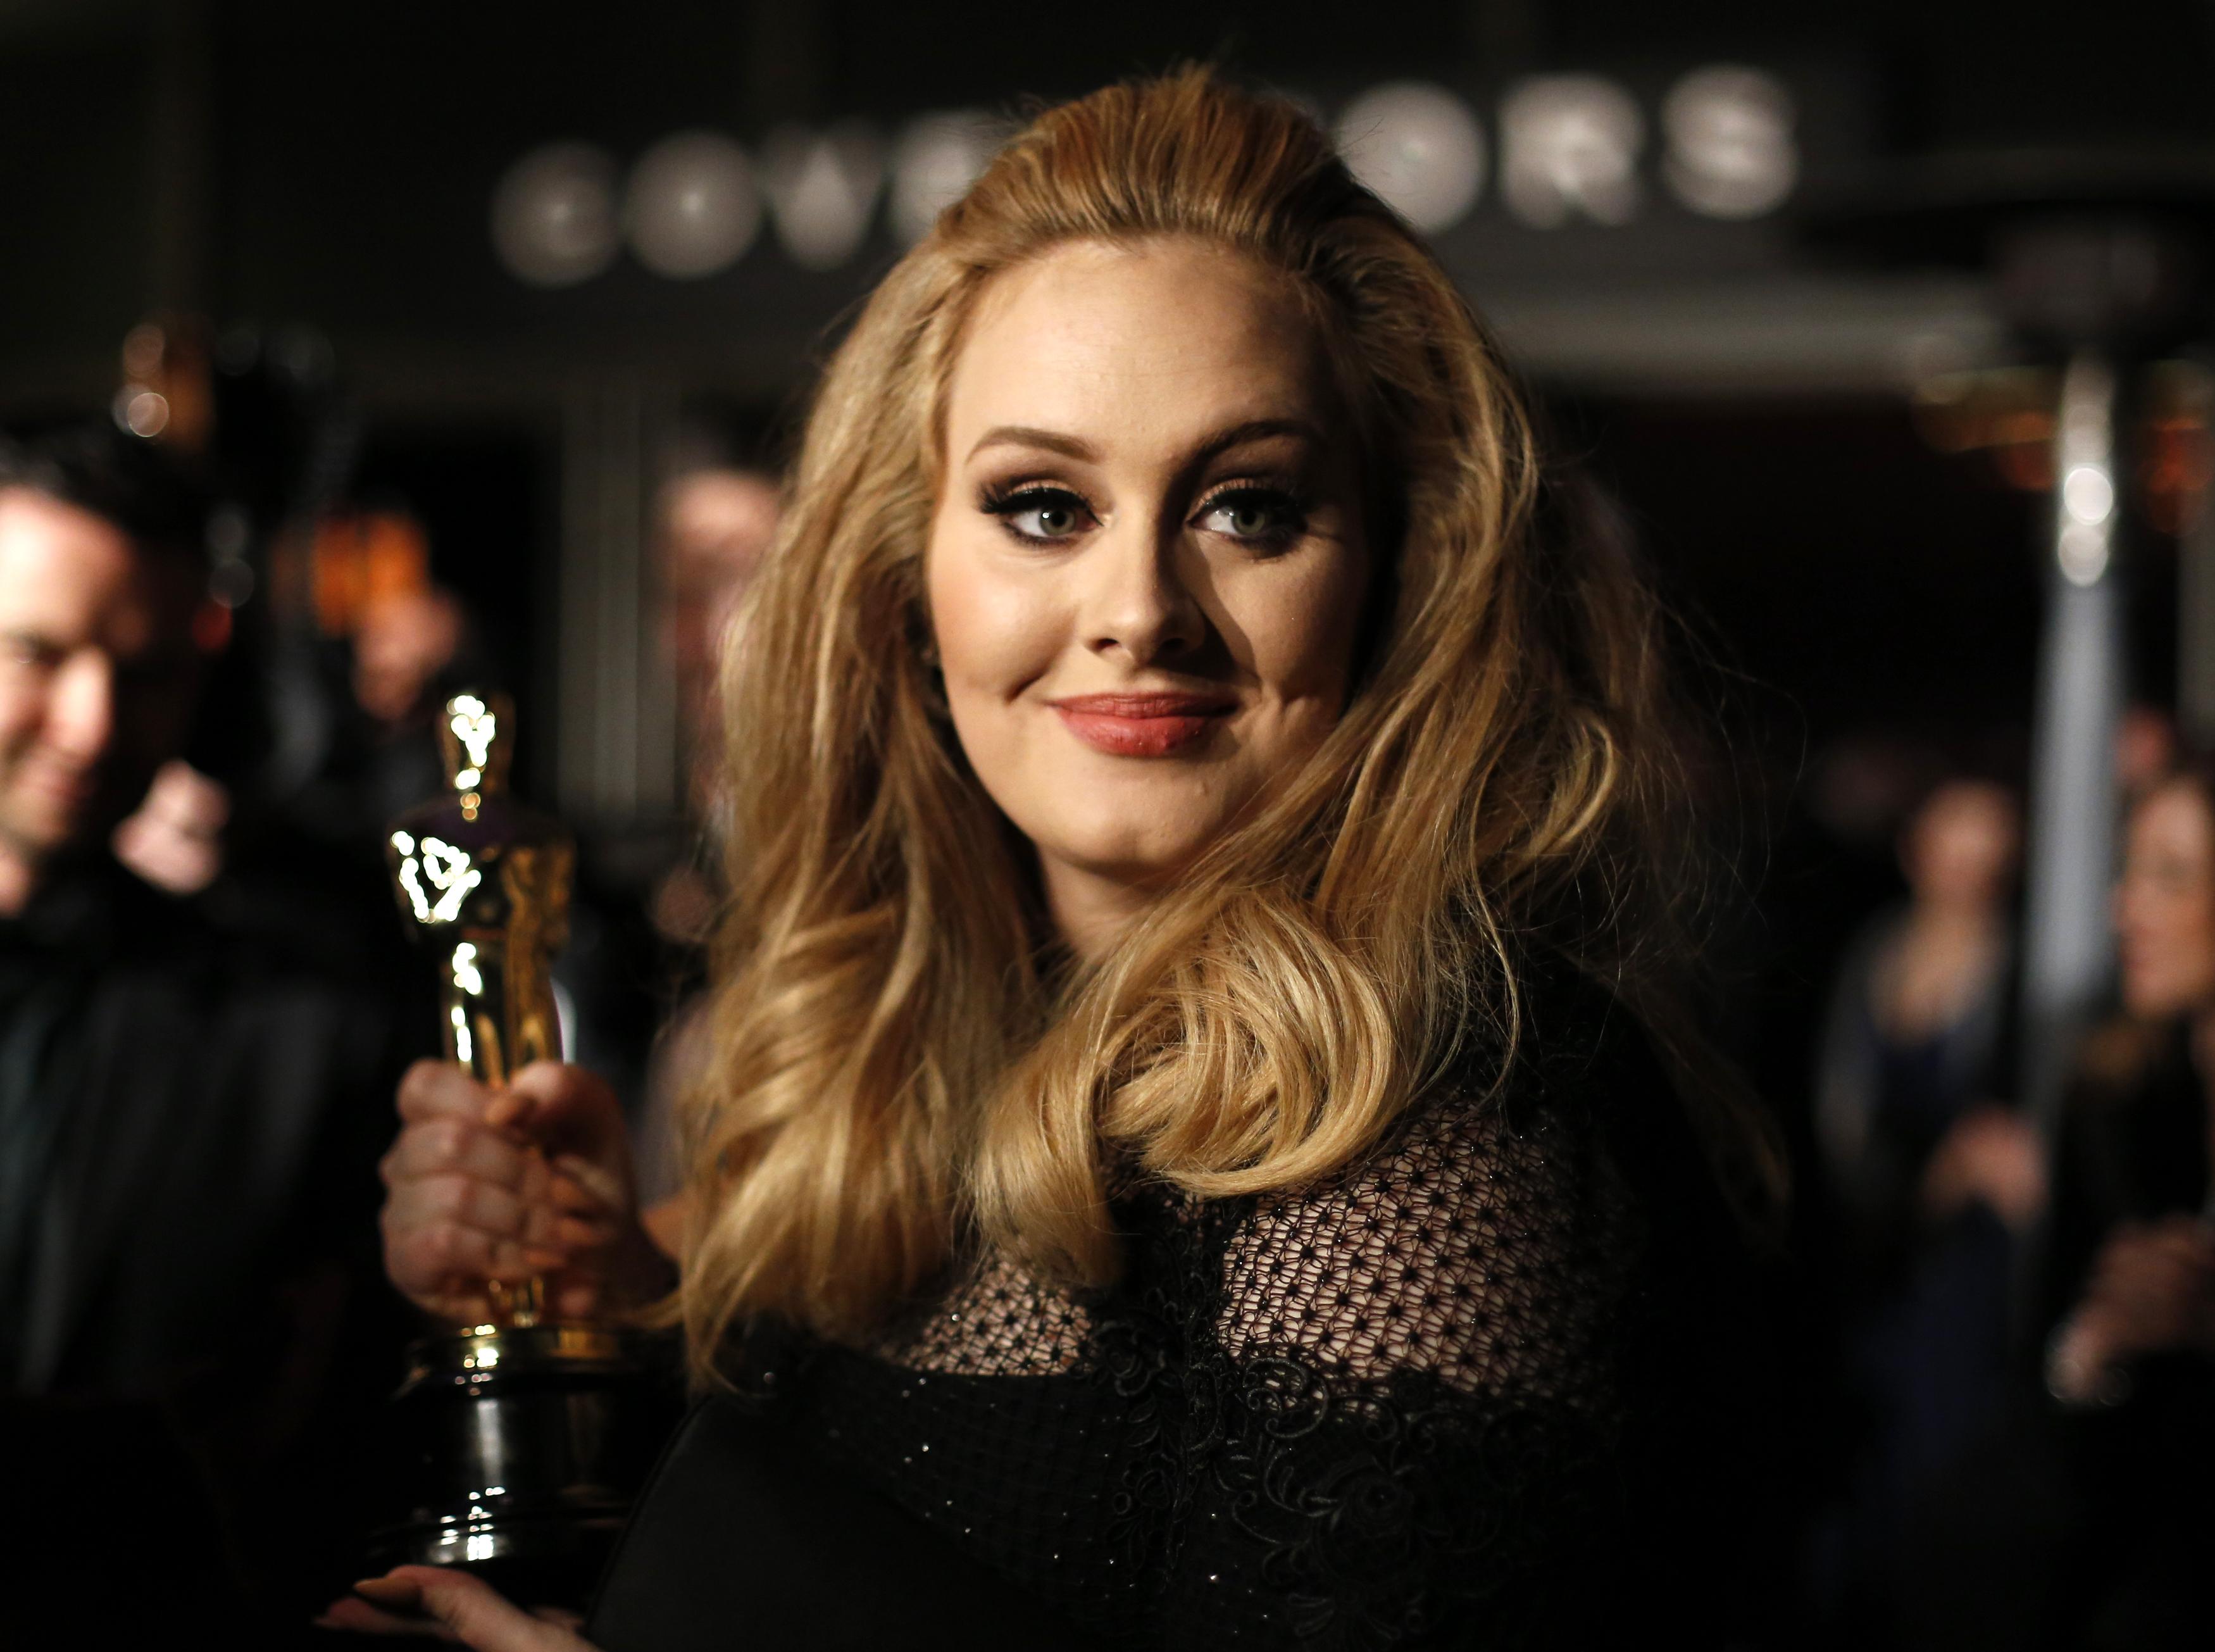 La Asociación de la Industria Discográfica de Estados Unidos destacó hoy el otorgamiento de un certificado de diamante a la cantante británica Adele por su álbum titulado 25.